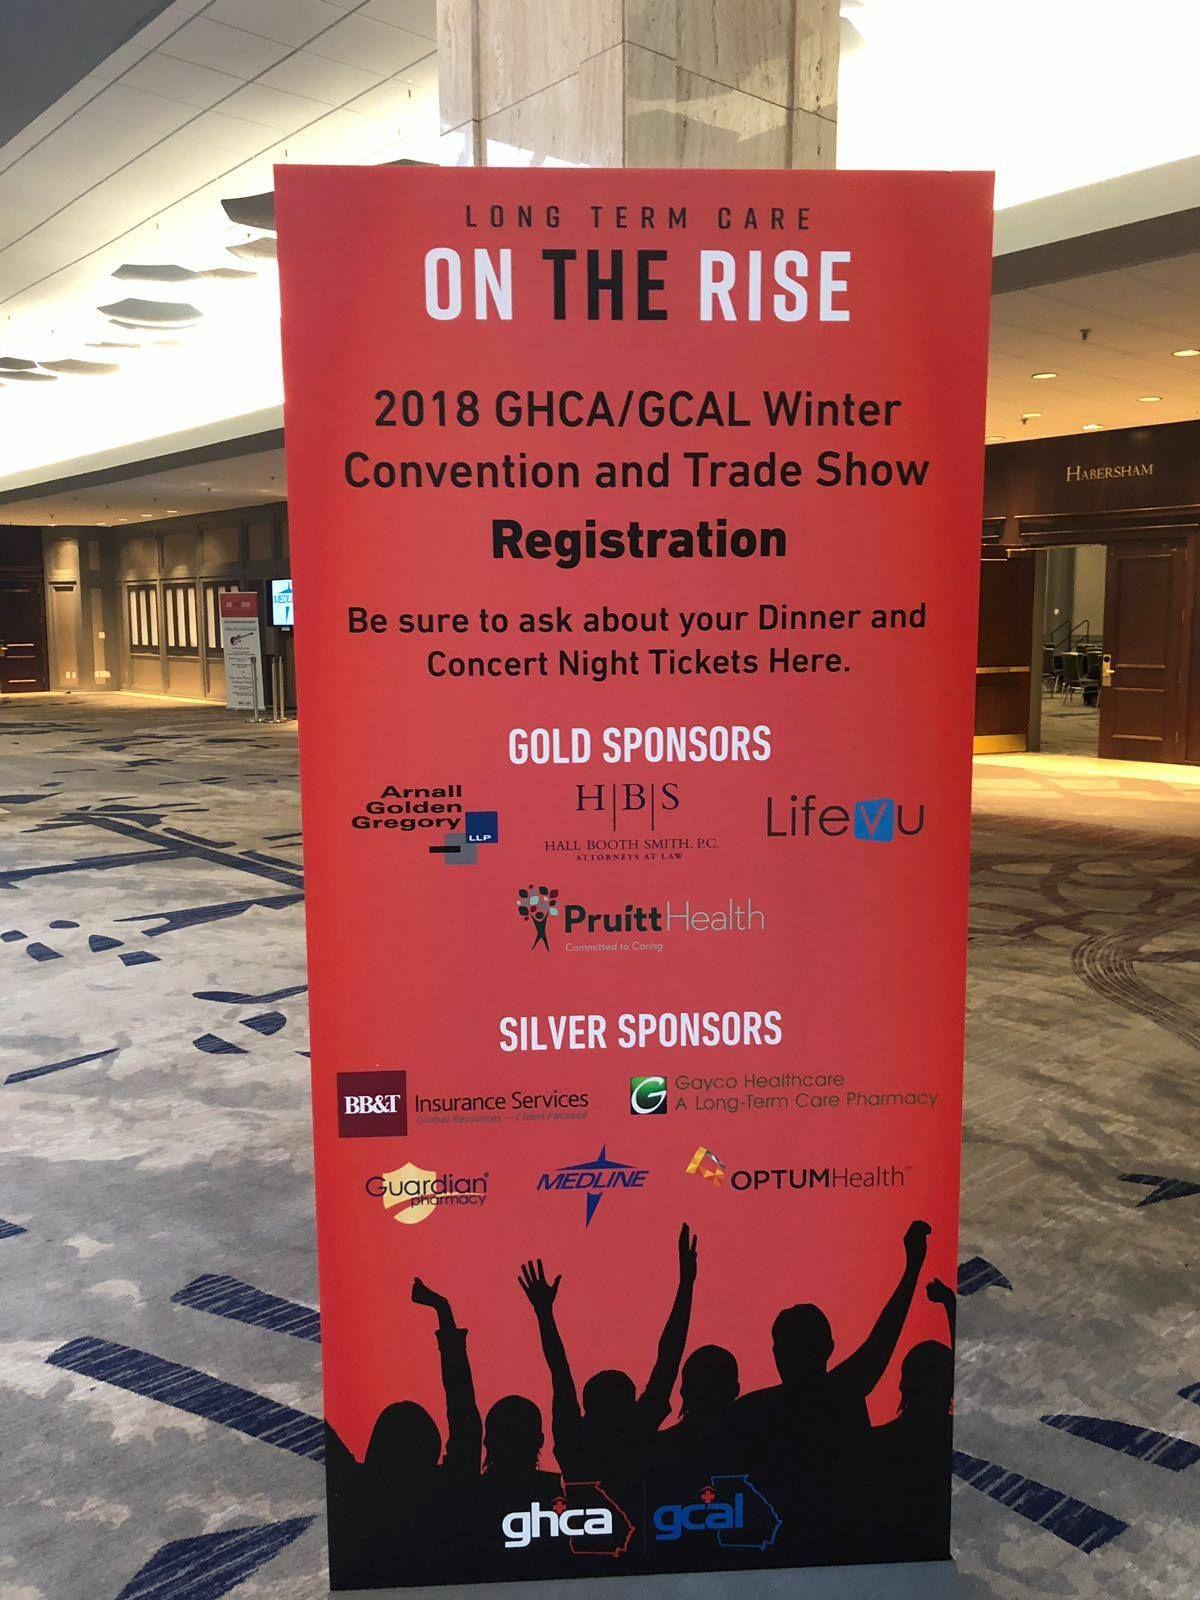 LifeVU at 2018 GHCA/GCAL Winter Convention & Trade Show